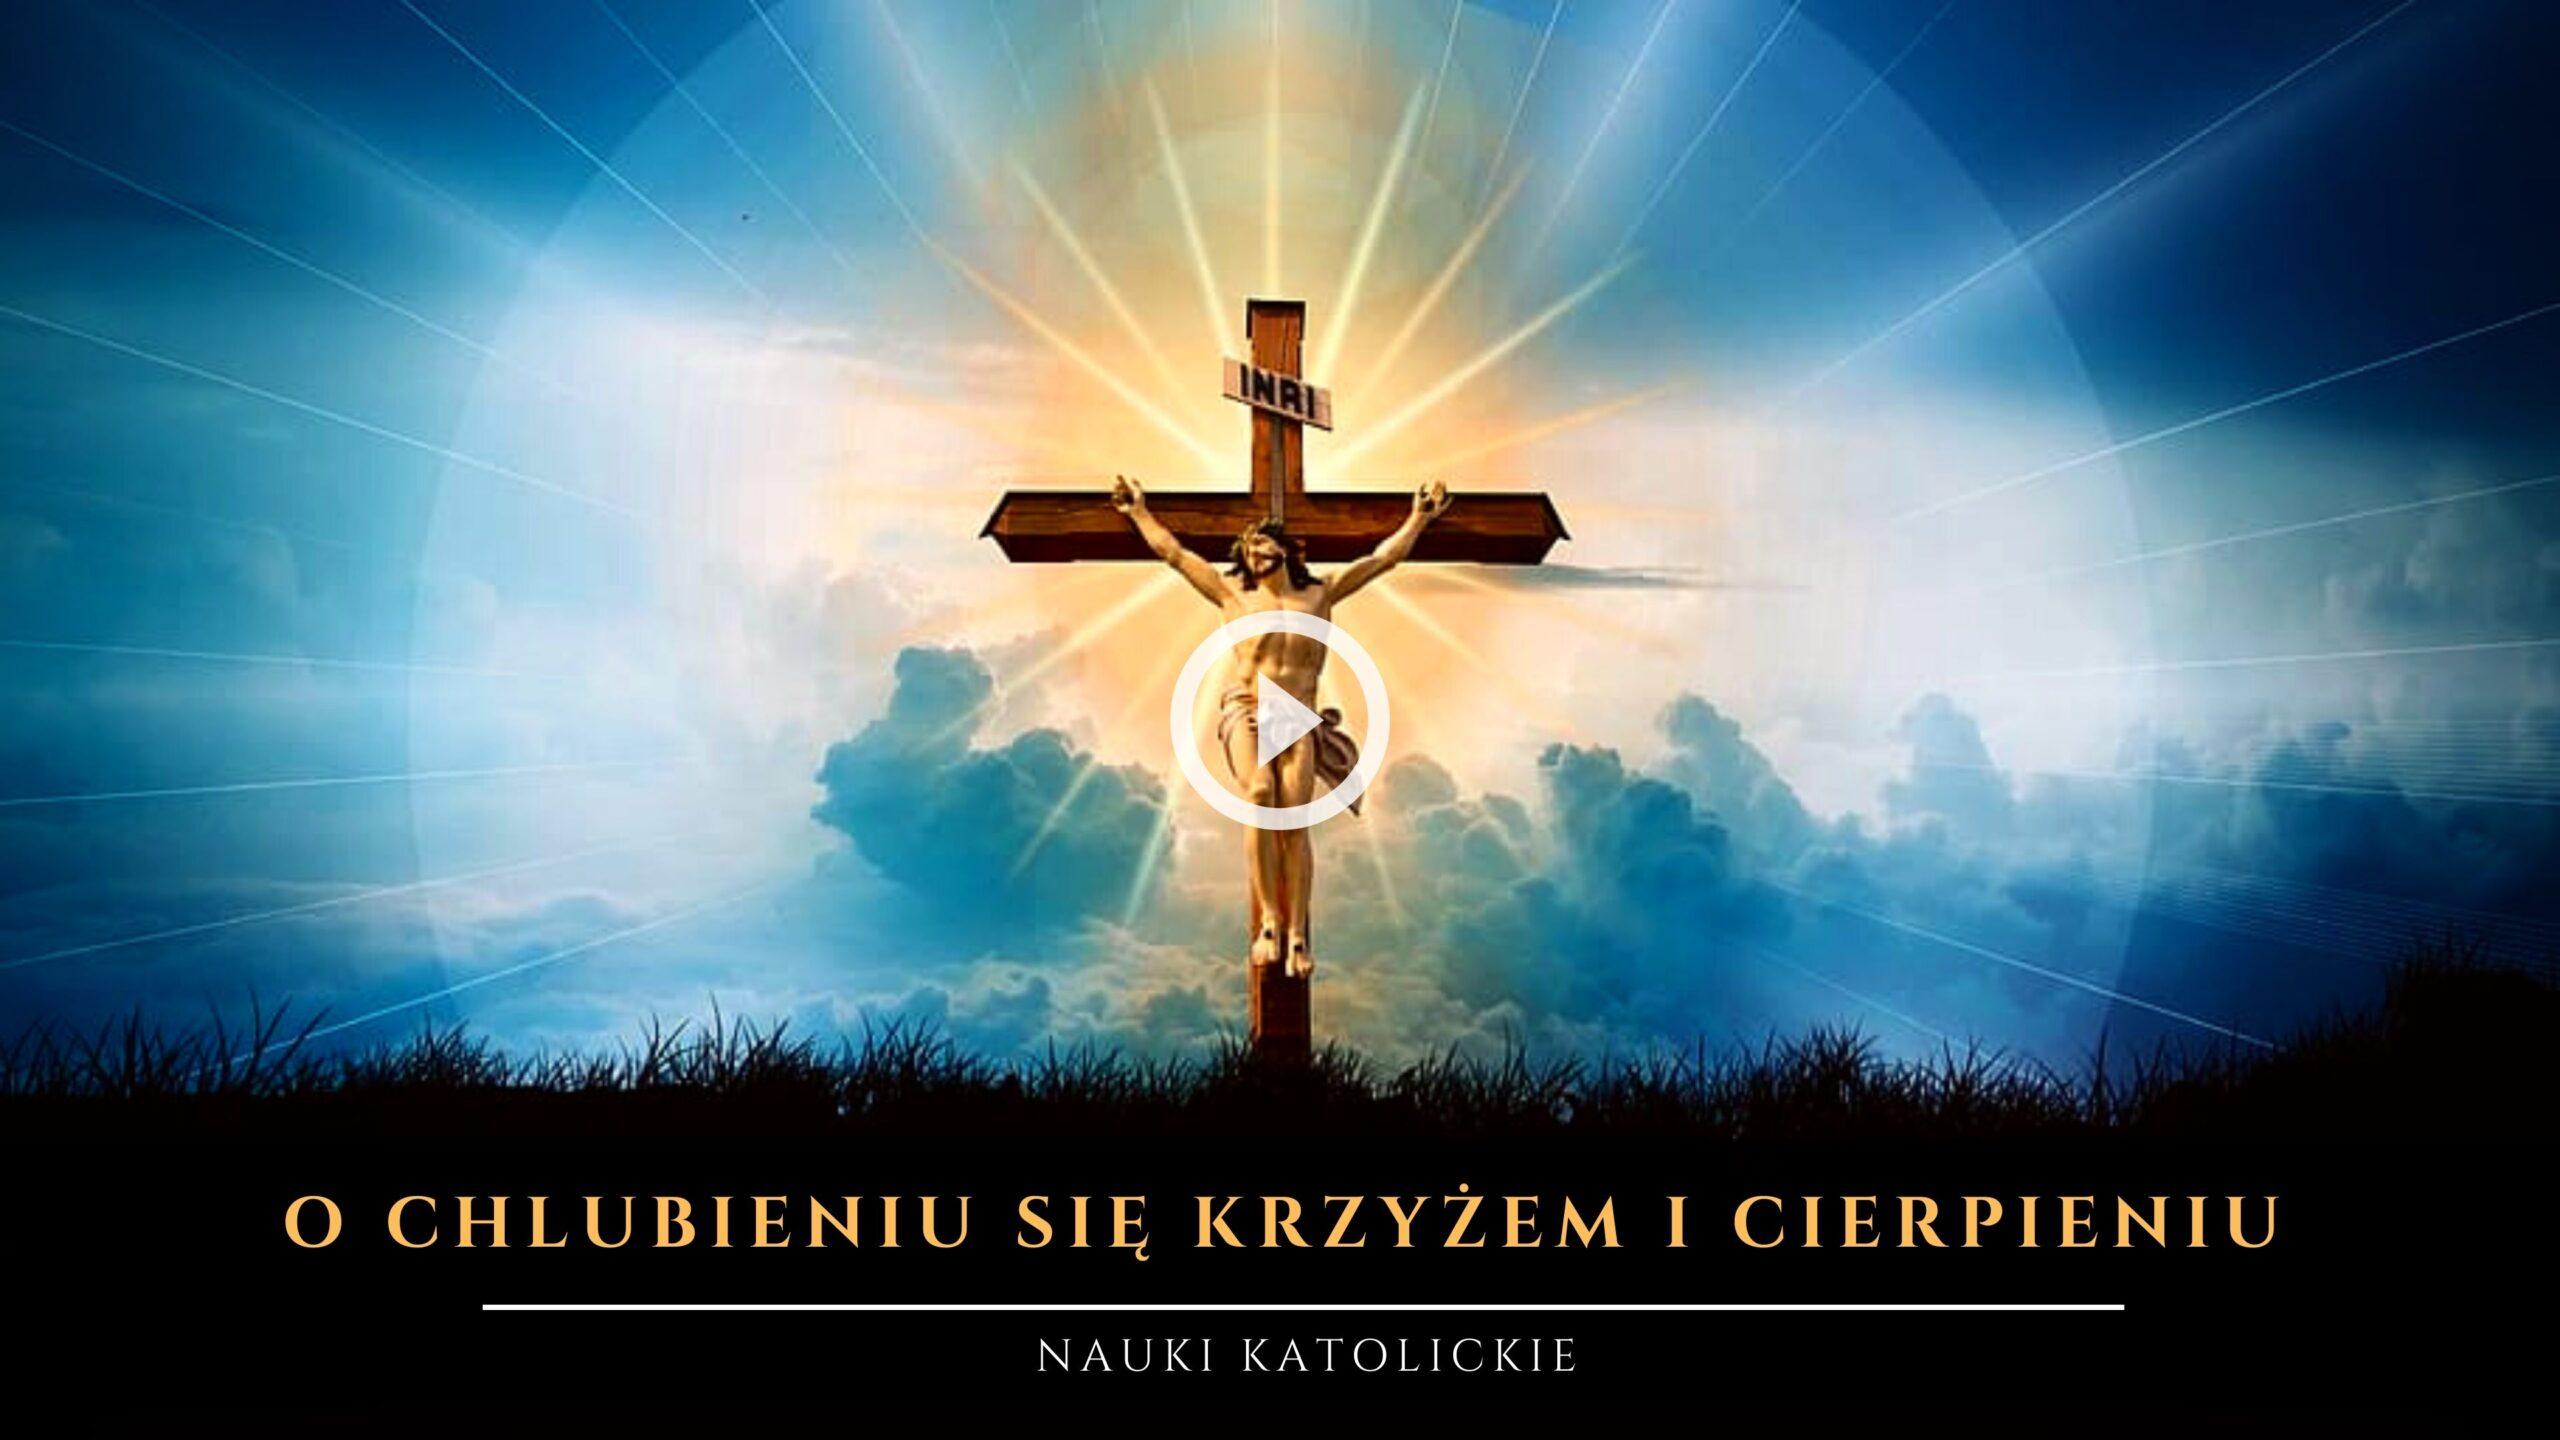 O chlubieniu się Krzyżem i Cierpieniu Uroczystość Podwyższenia Krzyża Świętego